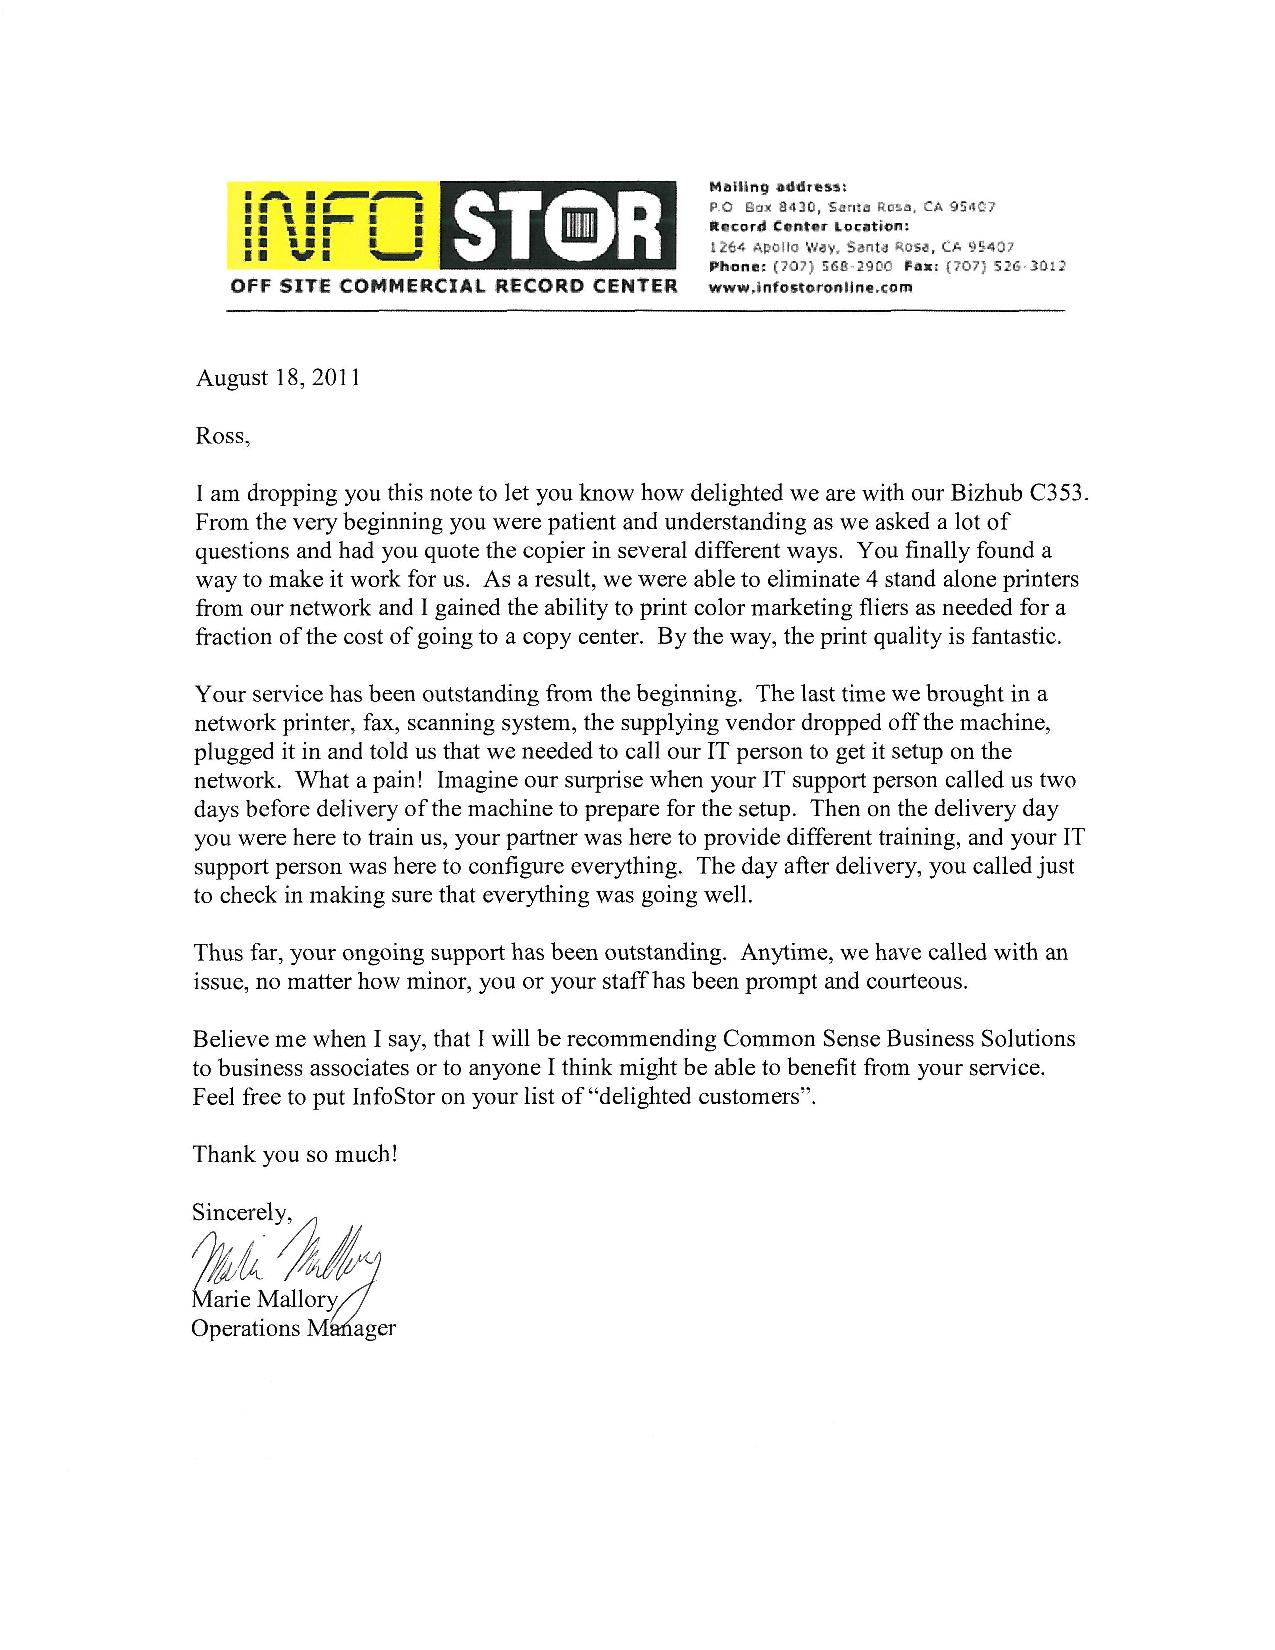 infostor testimonial letter